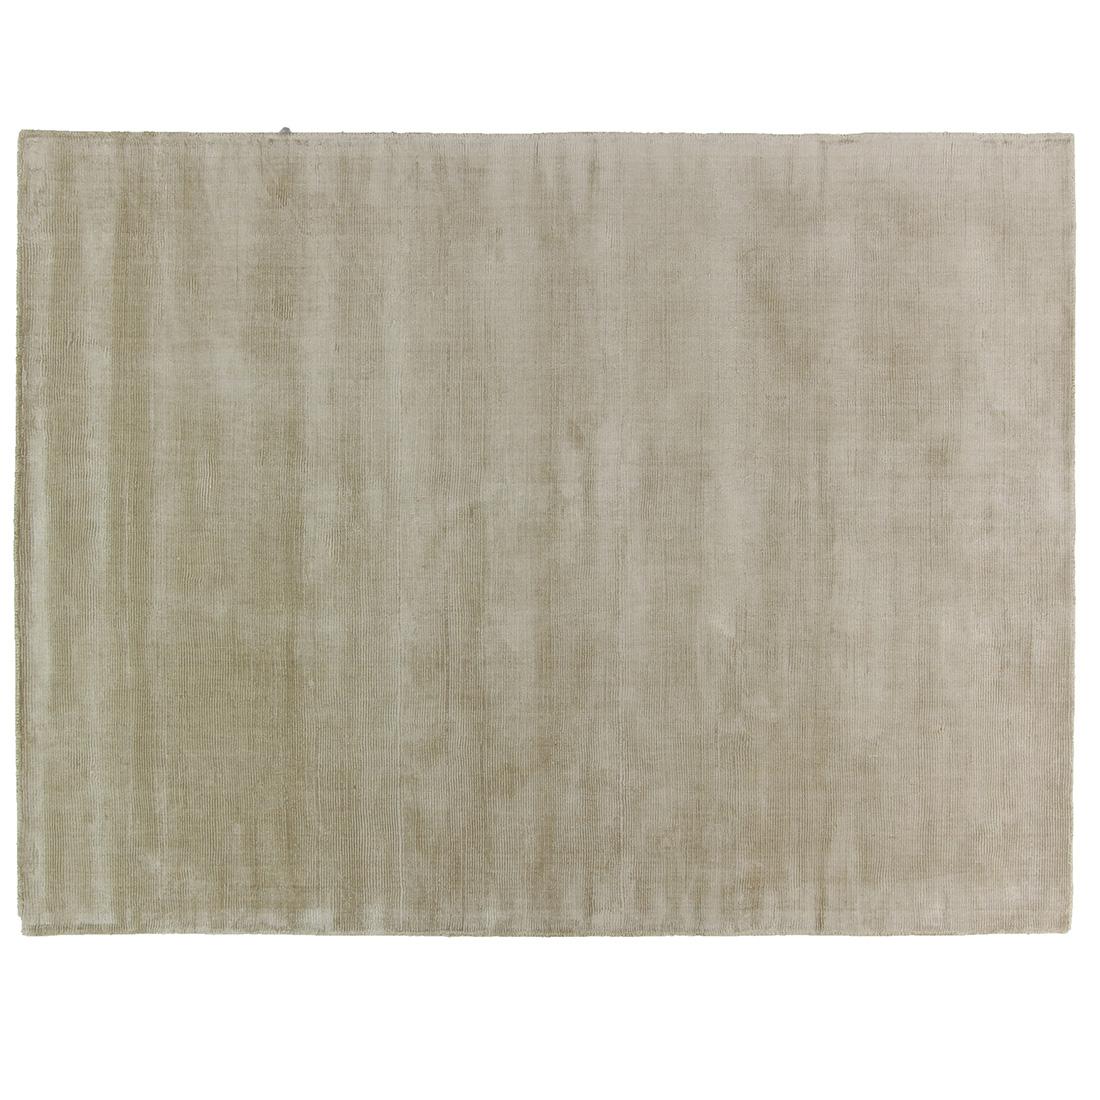 Vloerkleed Brinker Oyster Beige | 200 x 300 cm